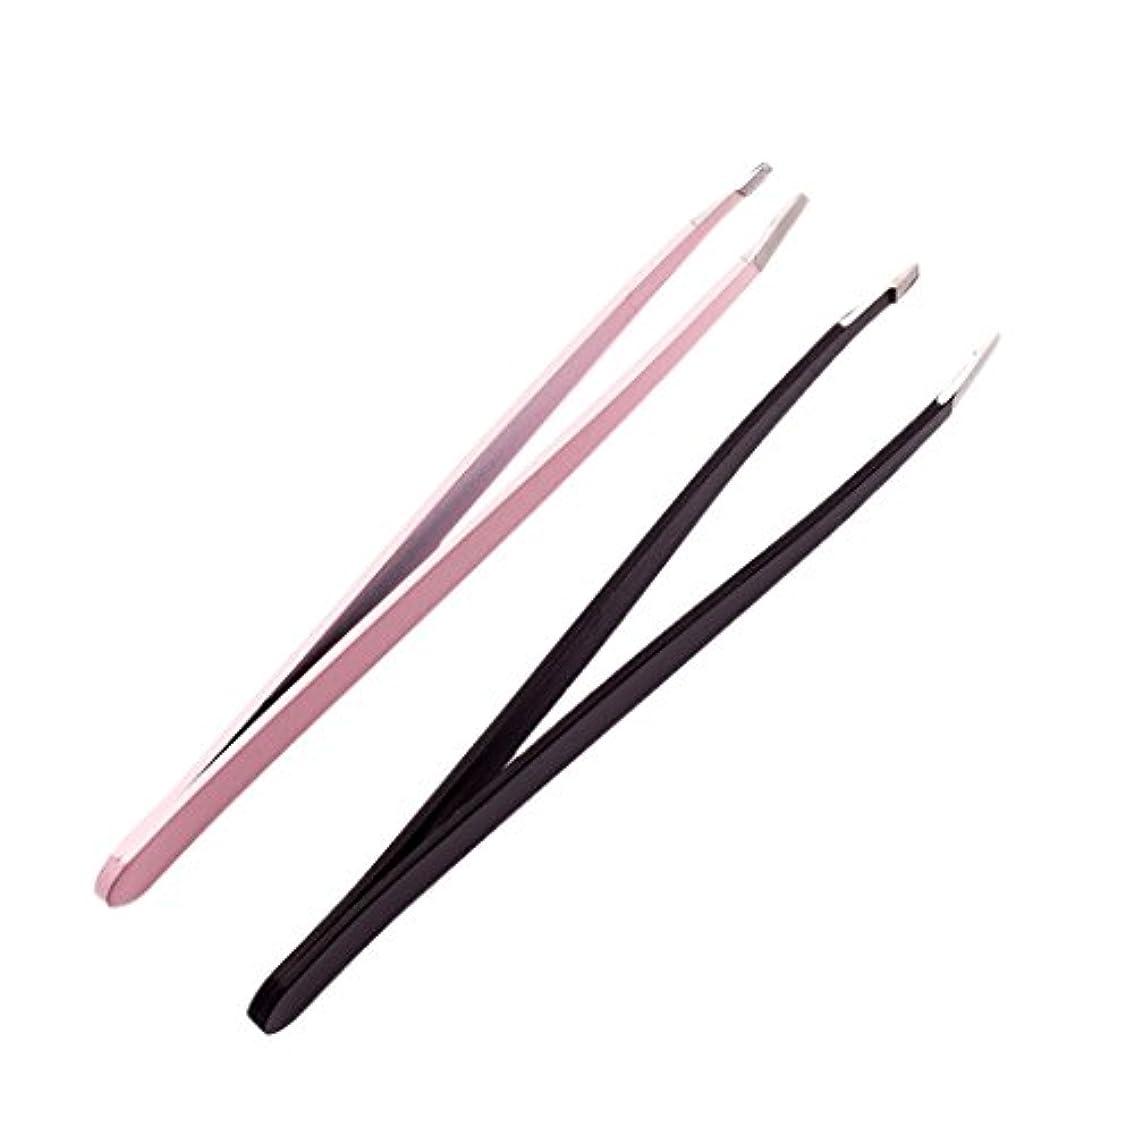 キルス前任者語2個のプロフェッショナルな眉毛のピンセットは、ステンレス製の髪のリムーバーのツールセットを傾けた